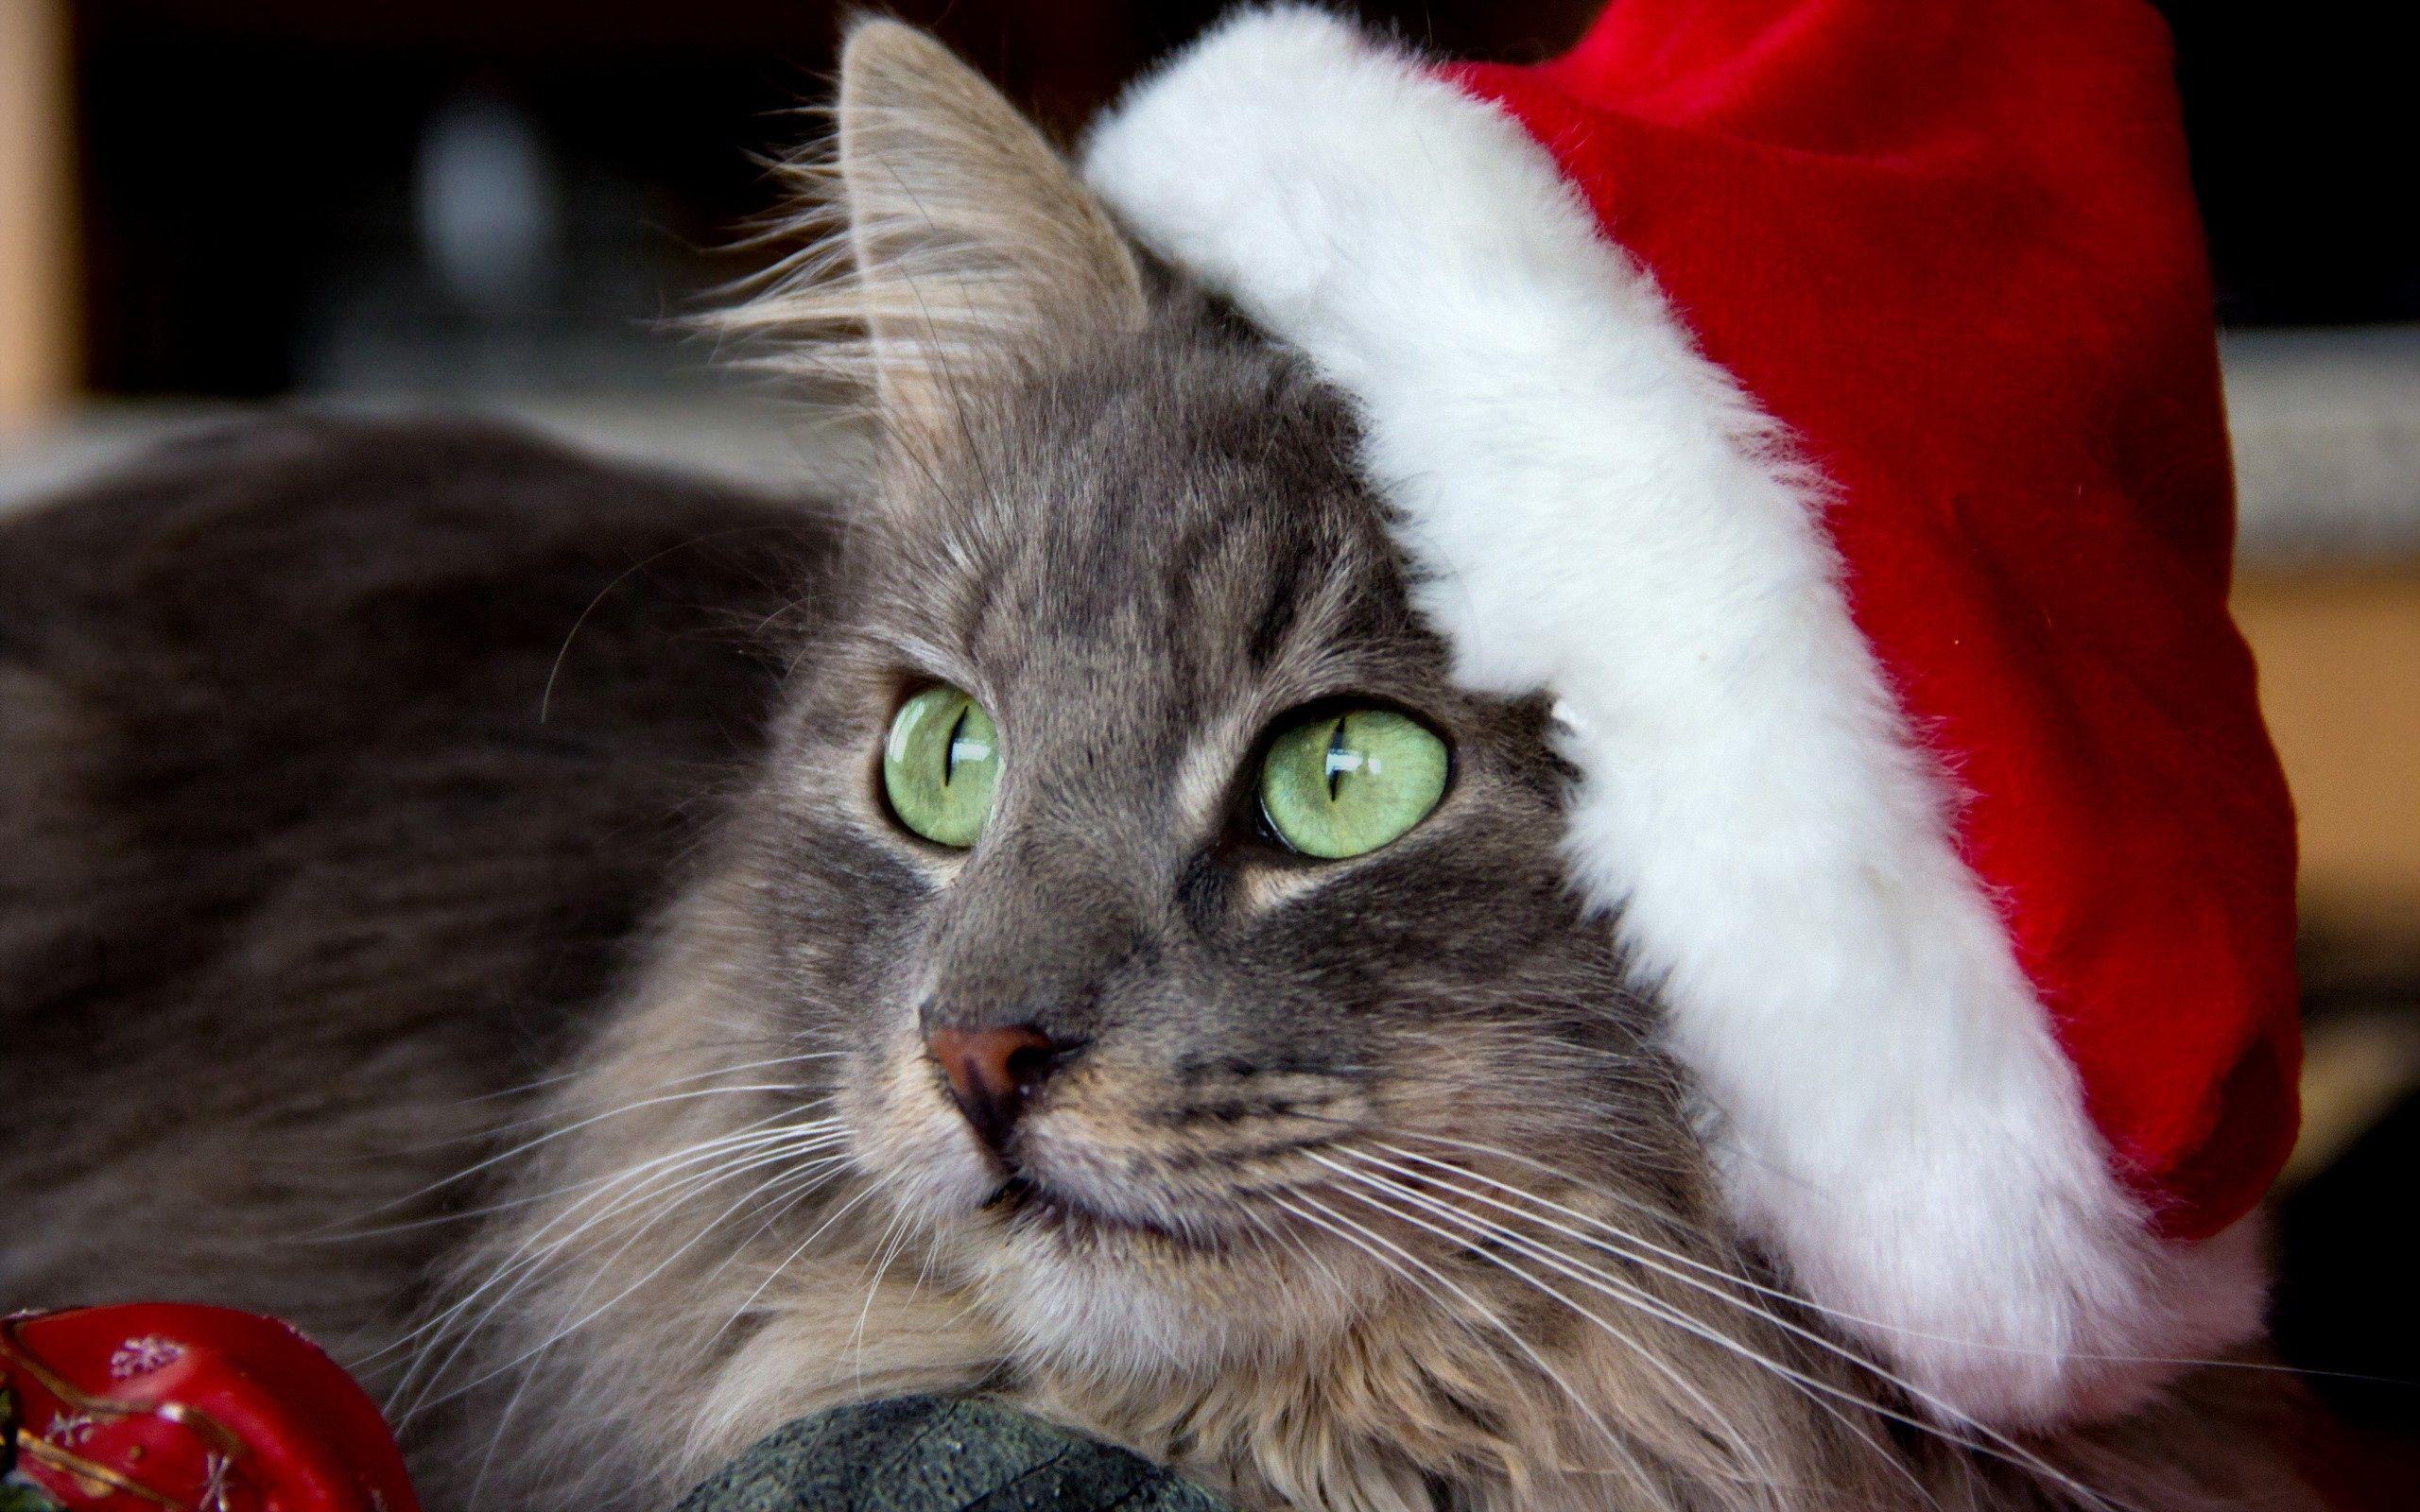 84534 Hintergrundbild 720x1280 kostenlos auf deinem Handy, lade Bilder Tiere, Neujahr, Der Kater, Katze, Schnauze, Neues Jahr, Deckel, Cap 720x1280 auf dein Handy herunter